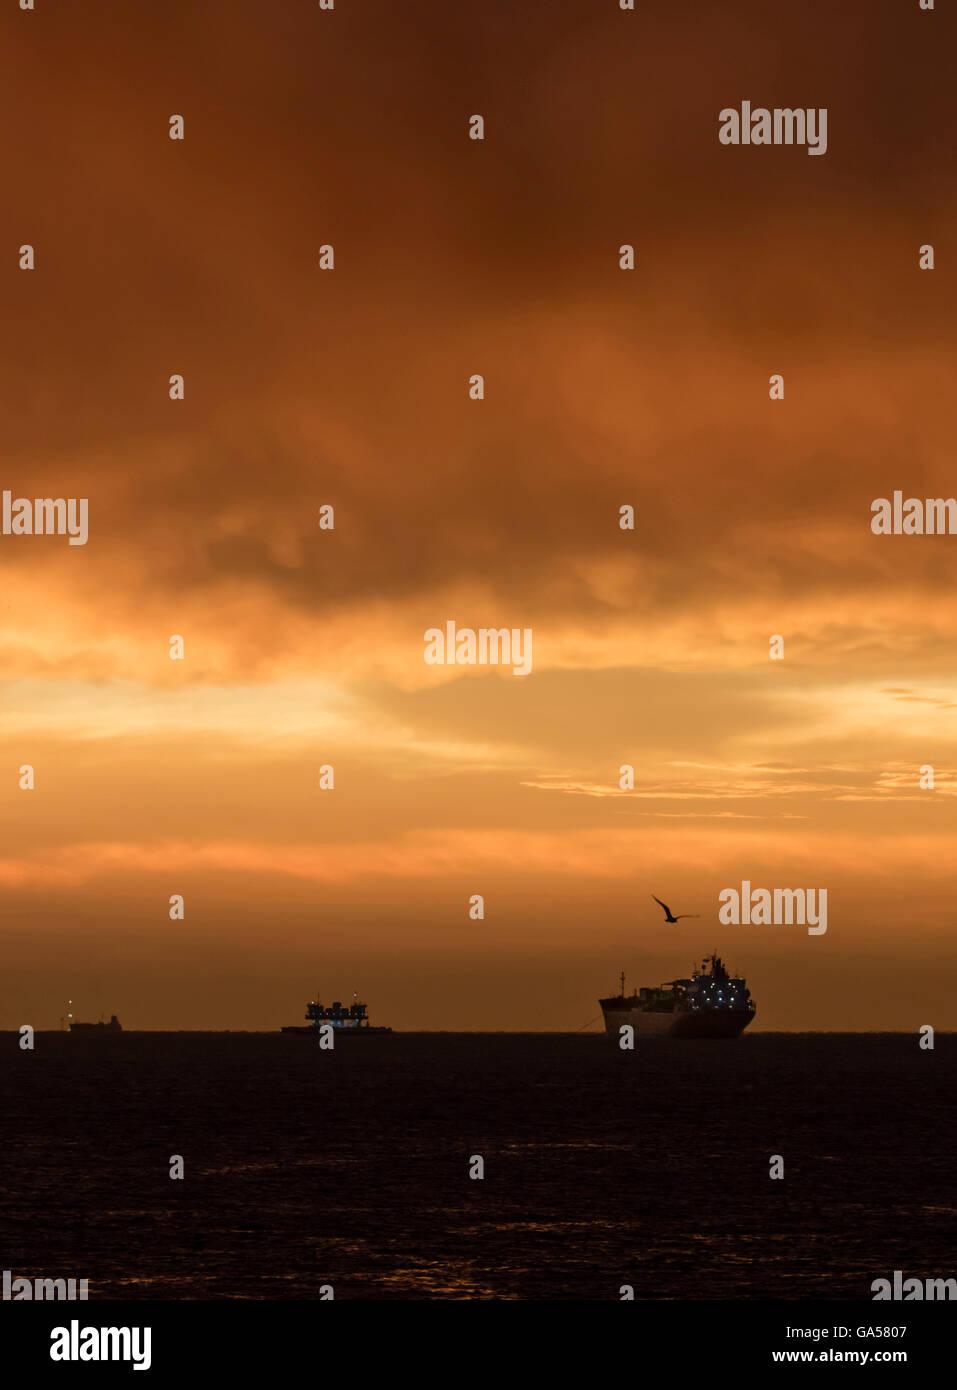 Approccio di una tempesta in Galveston Island, Texas, Stati Uniti d'America. Immagini Stock